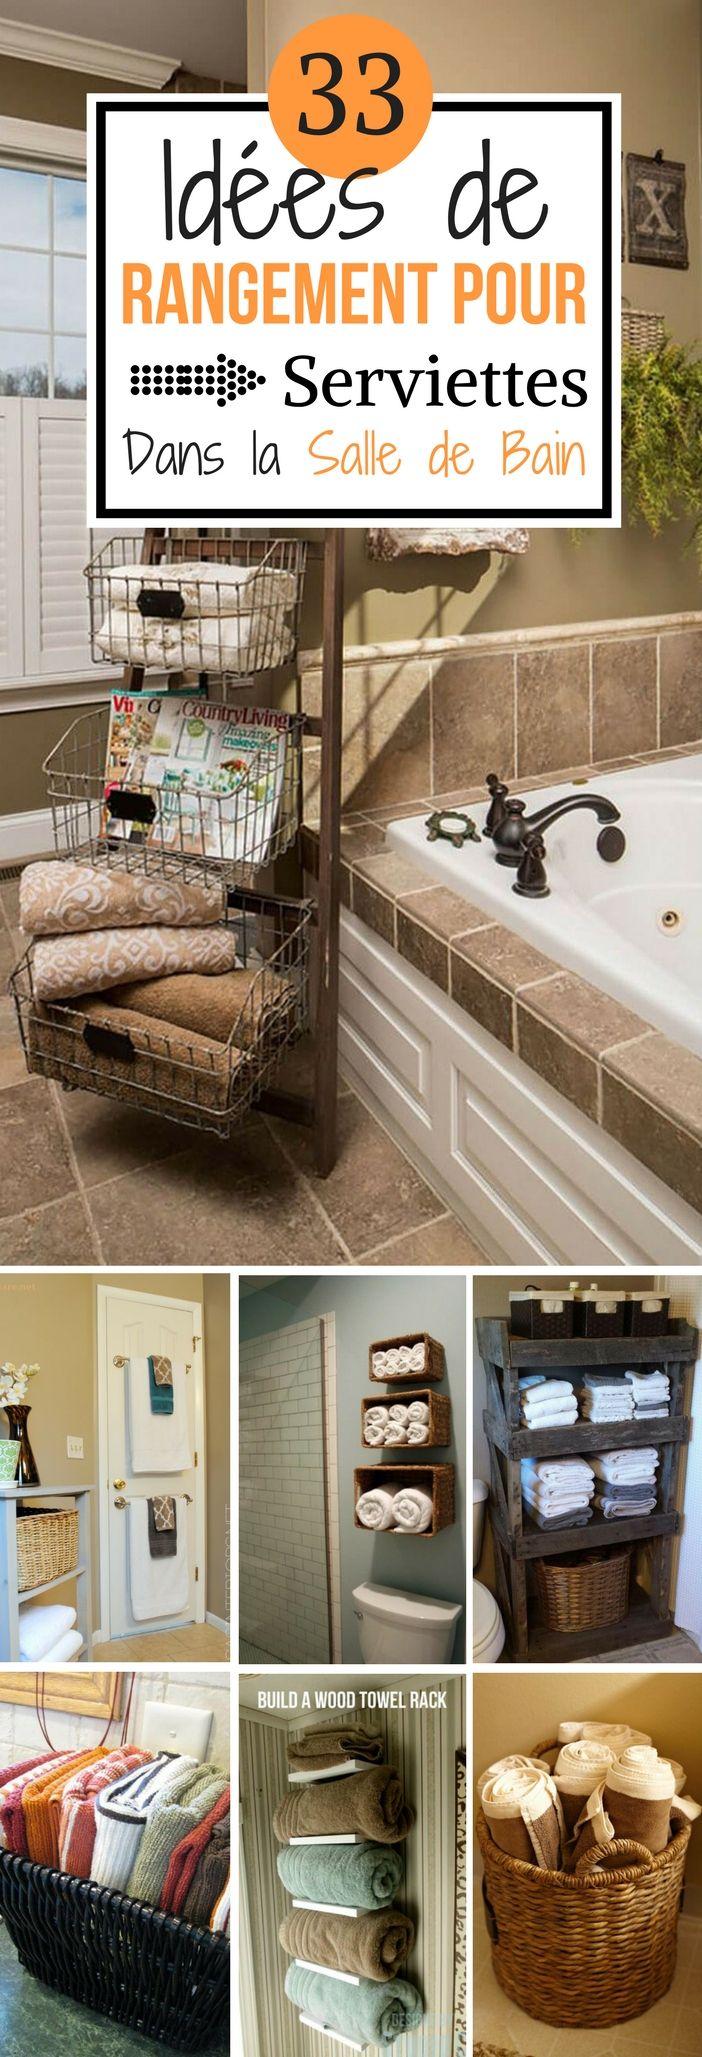 Astuce Rangement Serviette Salle De Bain ~ 33 id es de rangement pour serviettes dans la salle de bain le